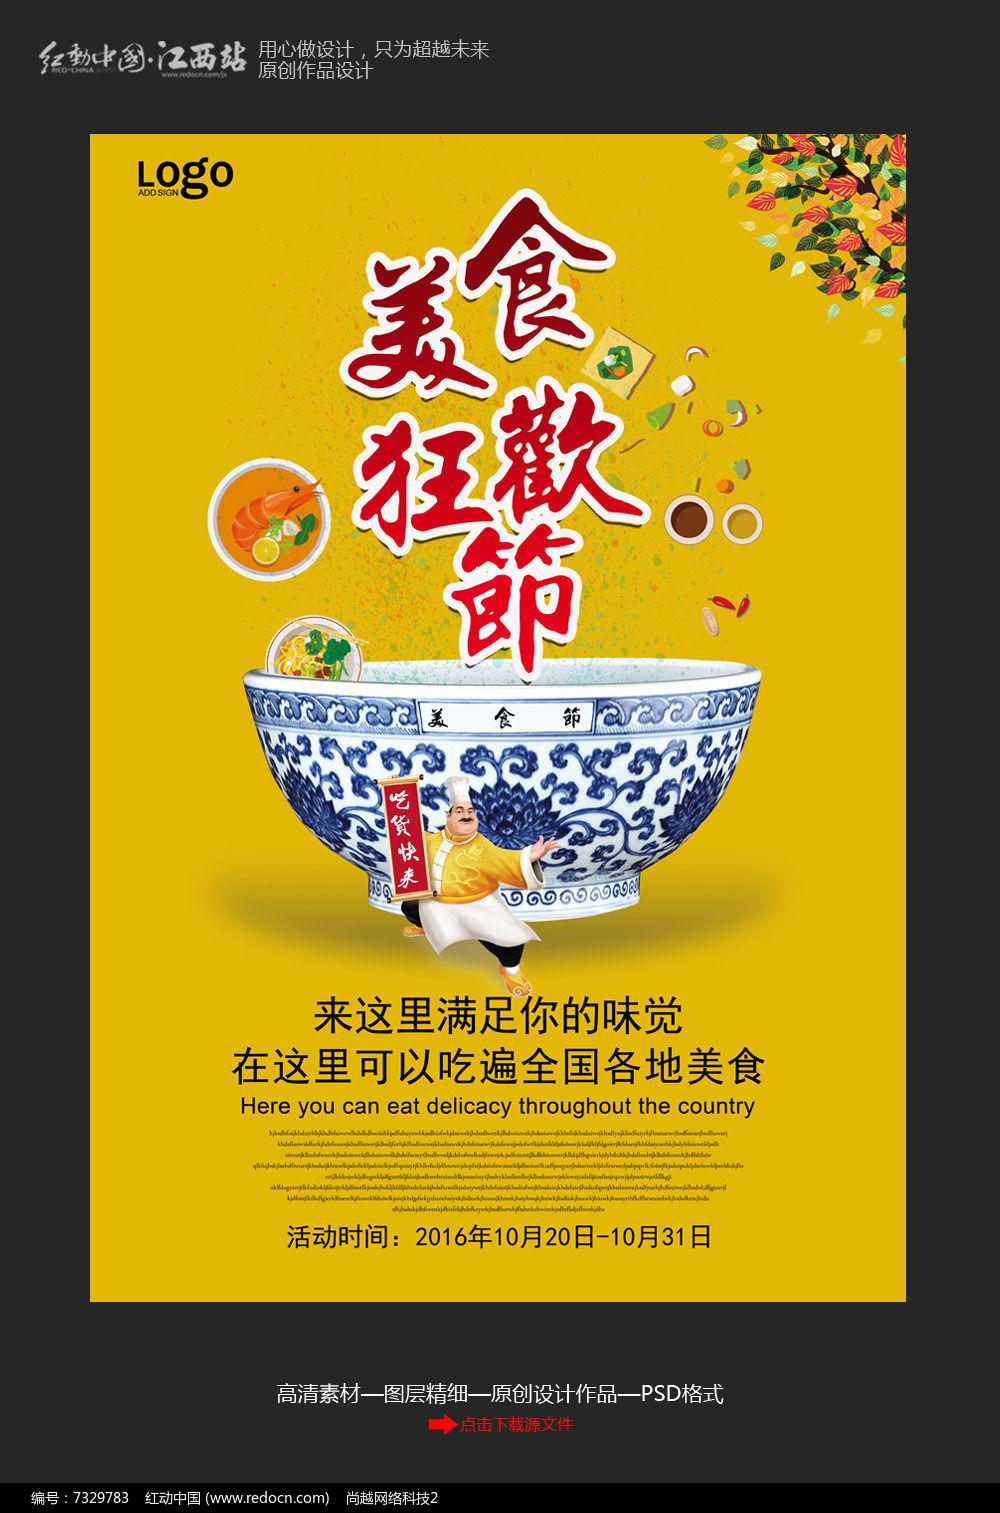 简约创意美食节宣传海报设计图片